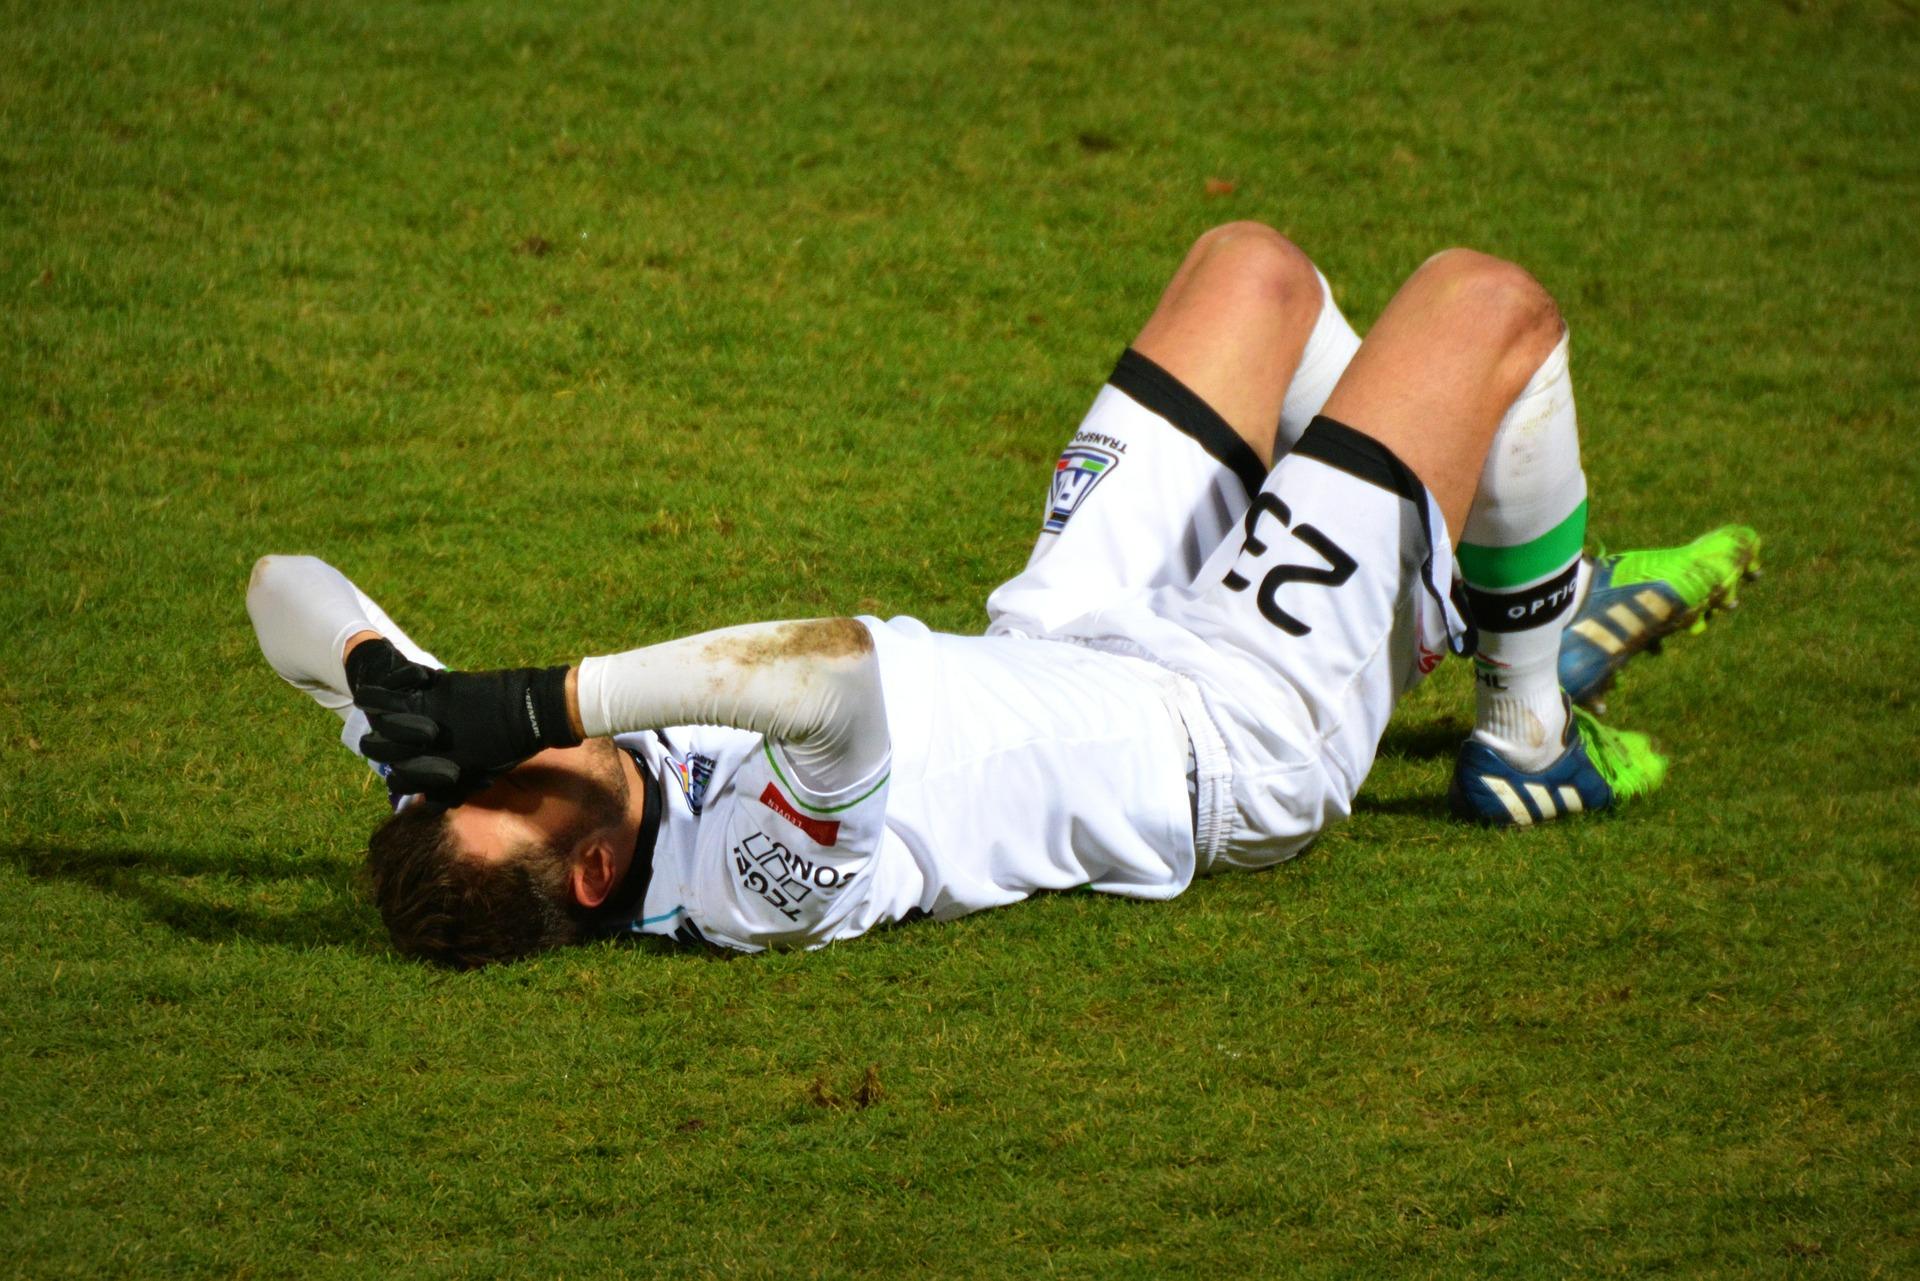 Fussball-Verletzung